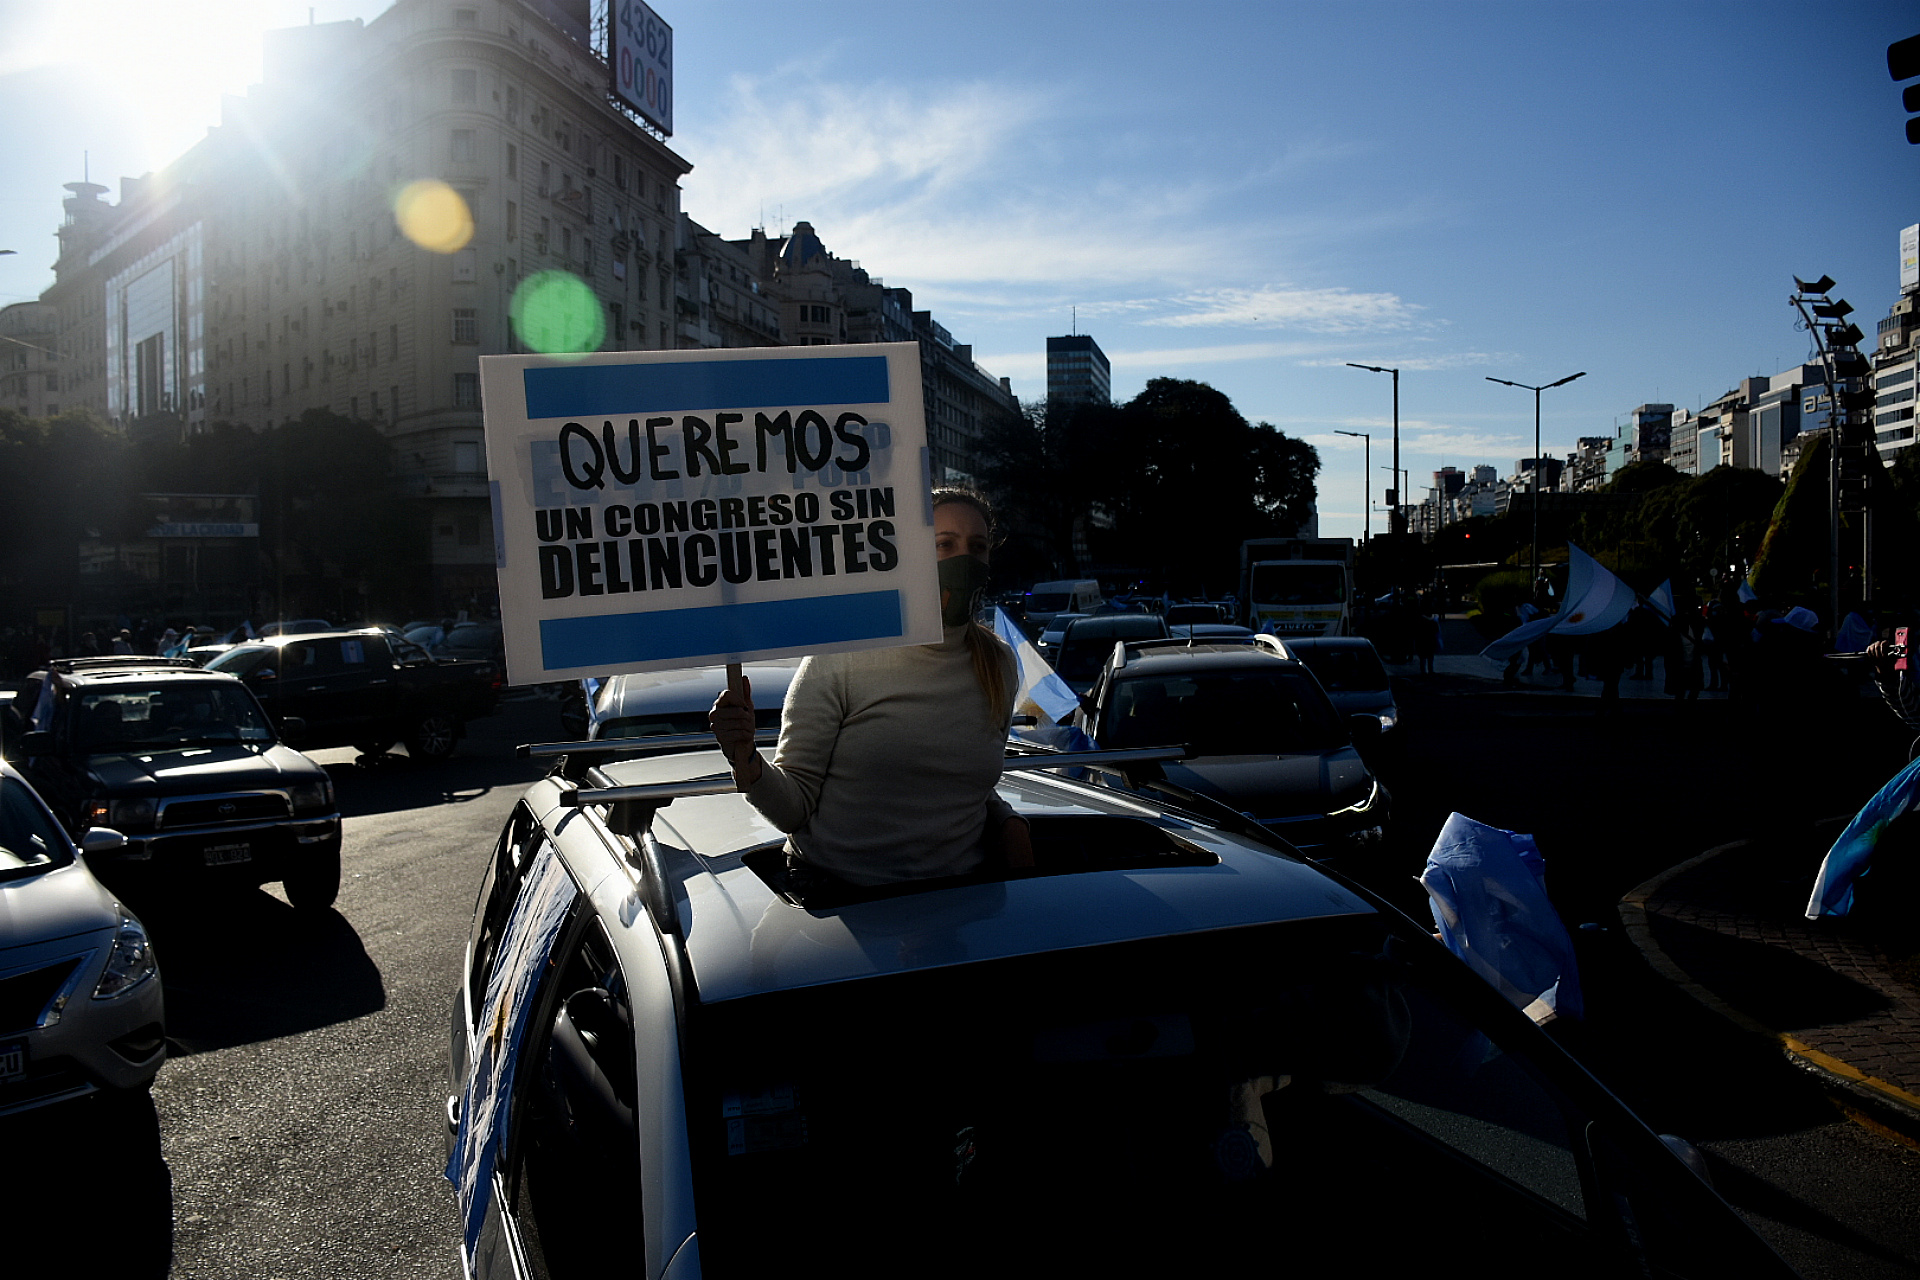 Las críticas a la clase política argentina fue otro de los temas presentes durante la jornada de protesta